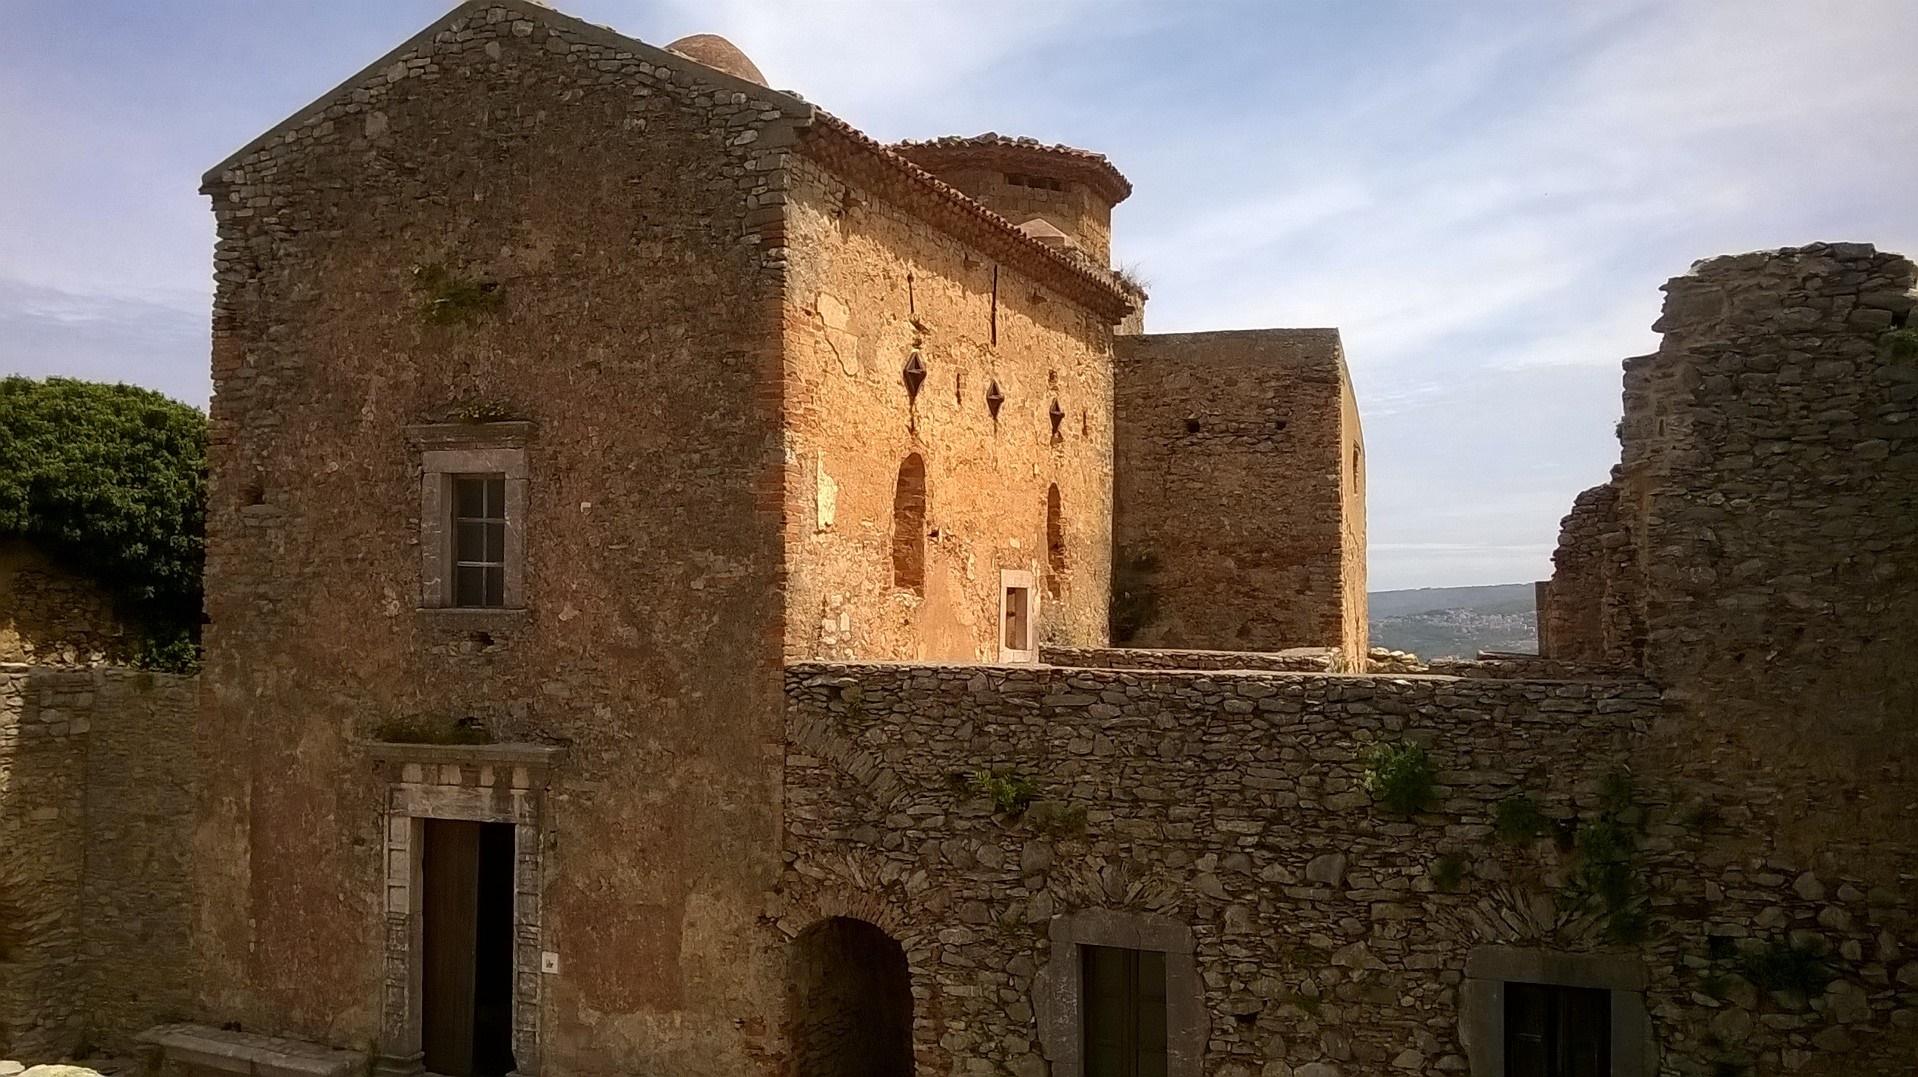 monastero san filippo fragalà frazzano nebrodi sicilia